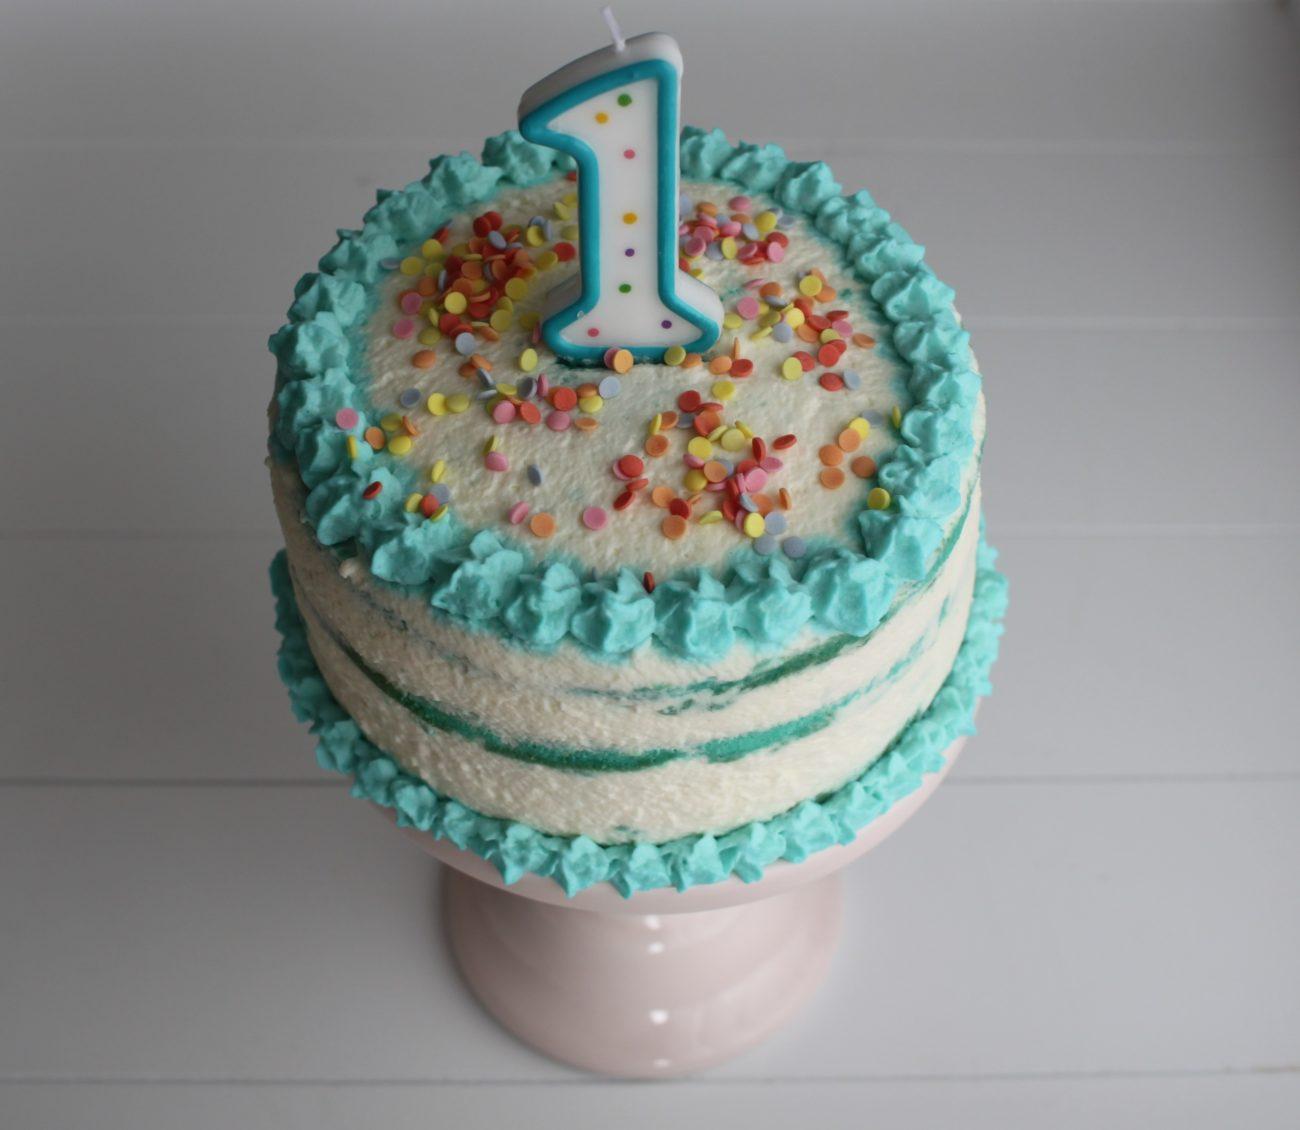 Cake Smash Torte, Ganz Einfach Selbst Herstellen mit Geburtstagstorte Zum 1 Geburtstag